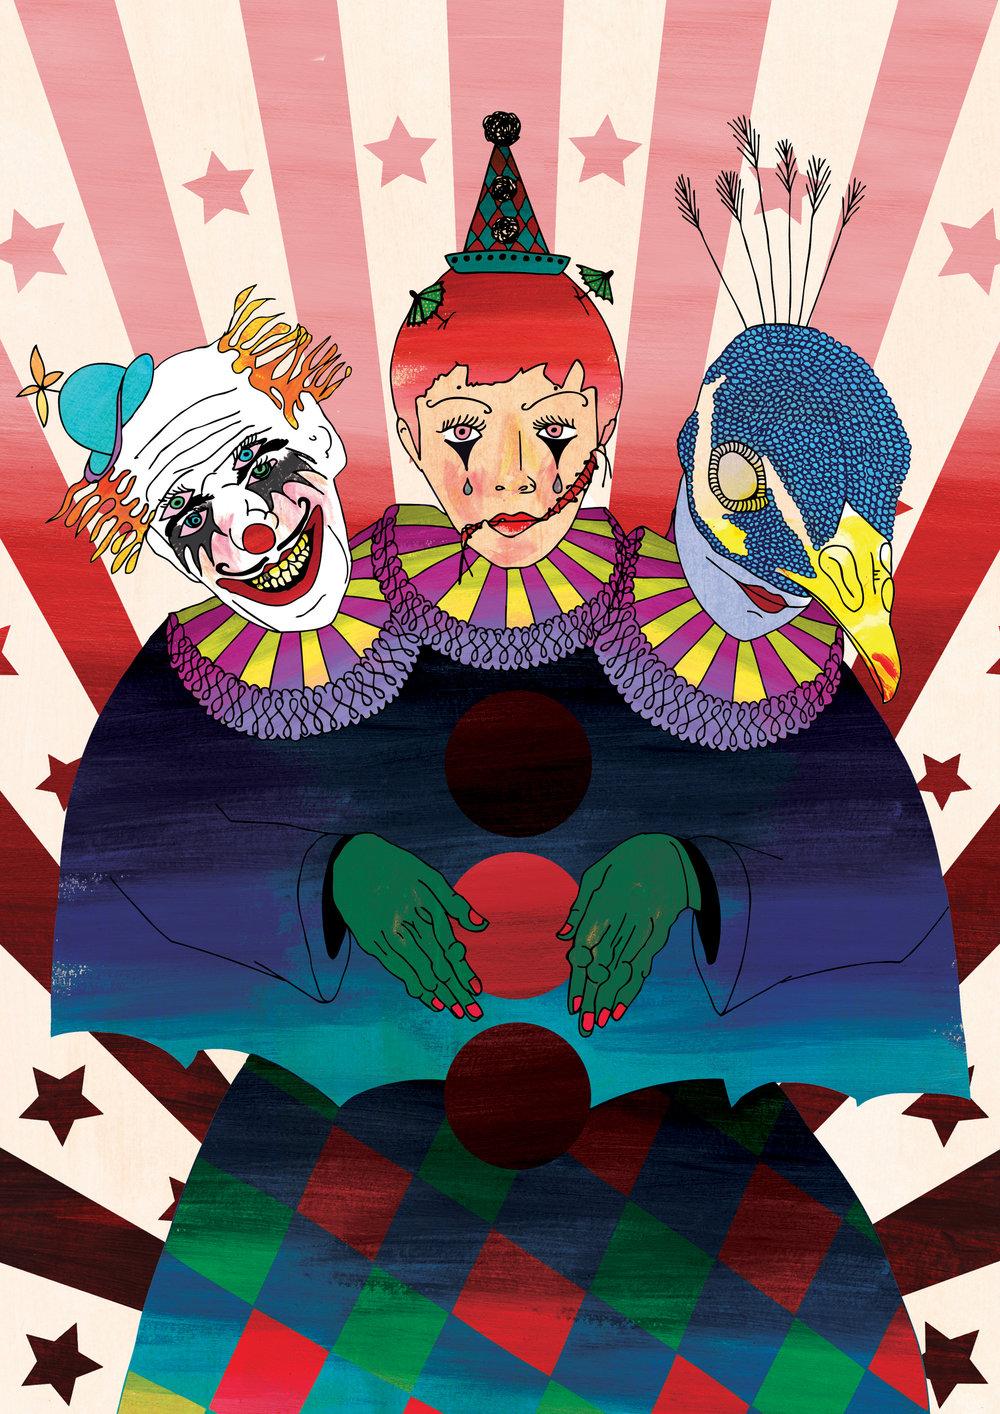 Blind Pig Spooktacular: Circus of Freaks